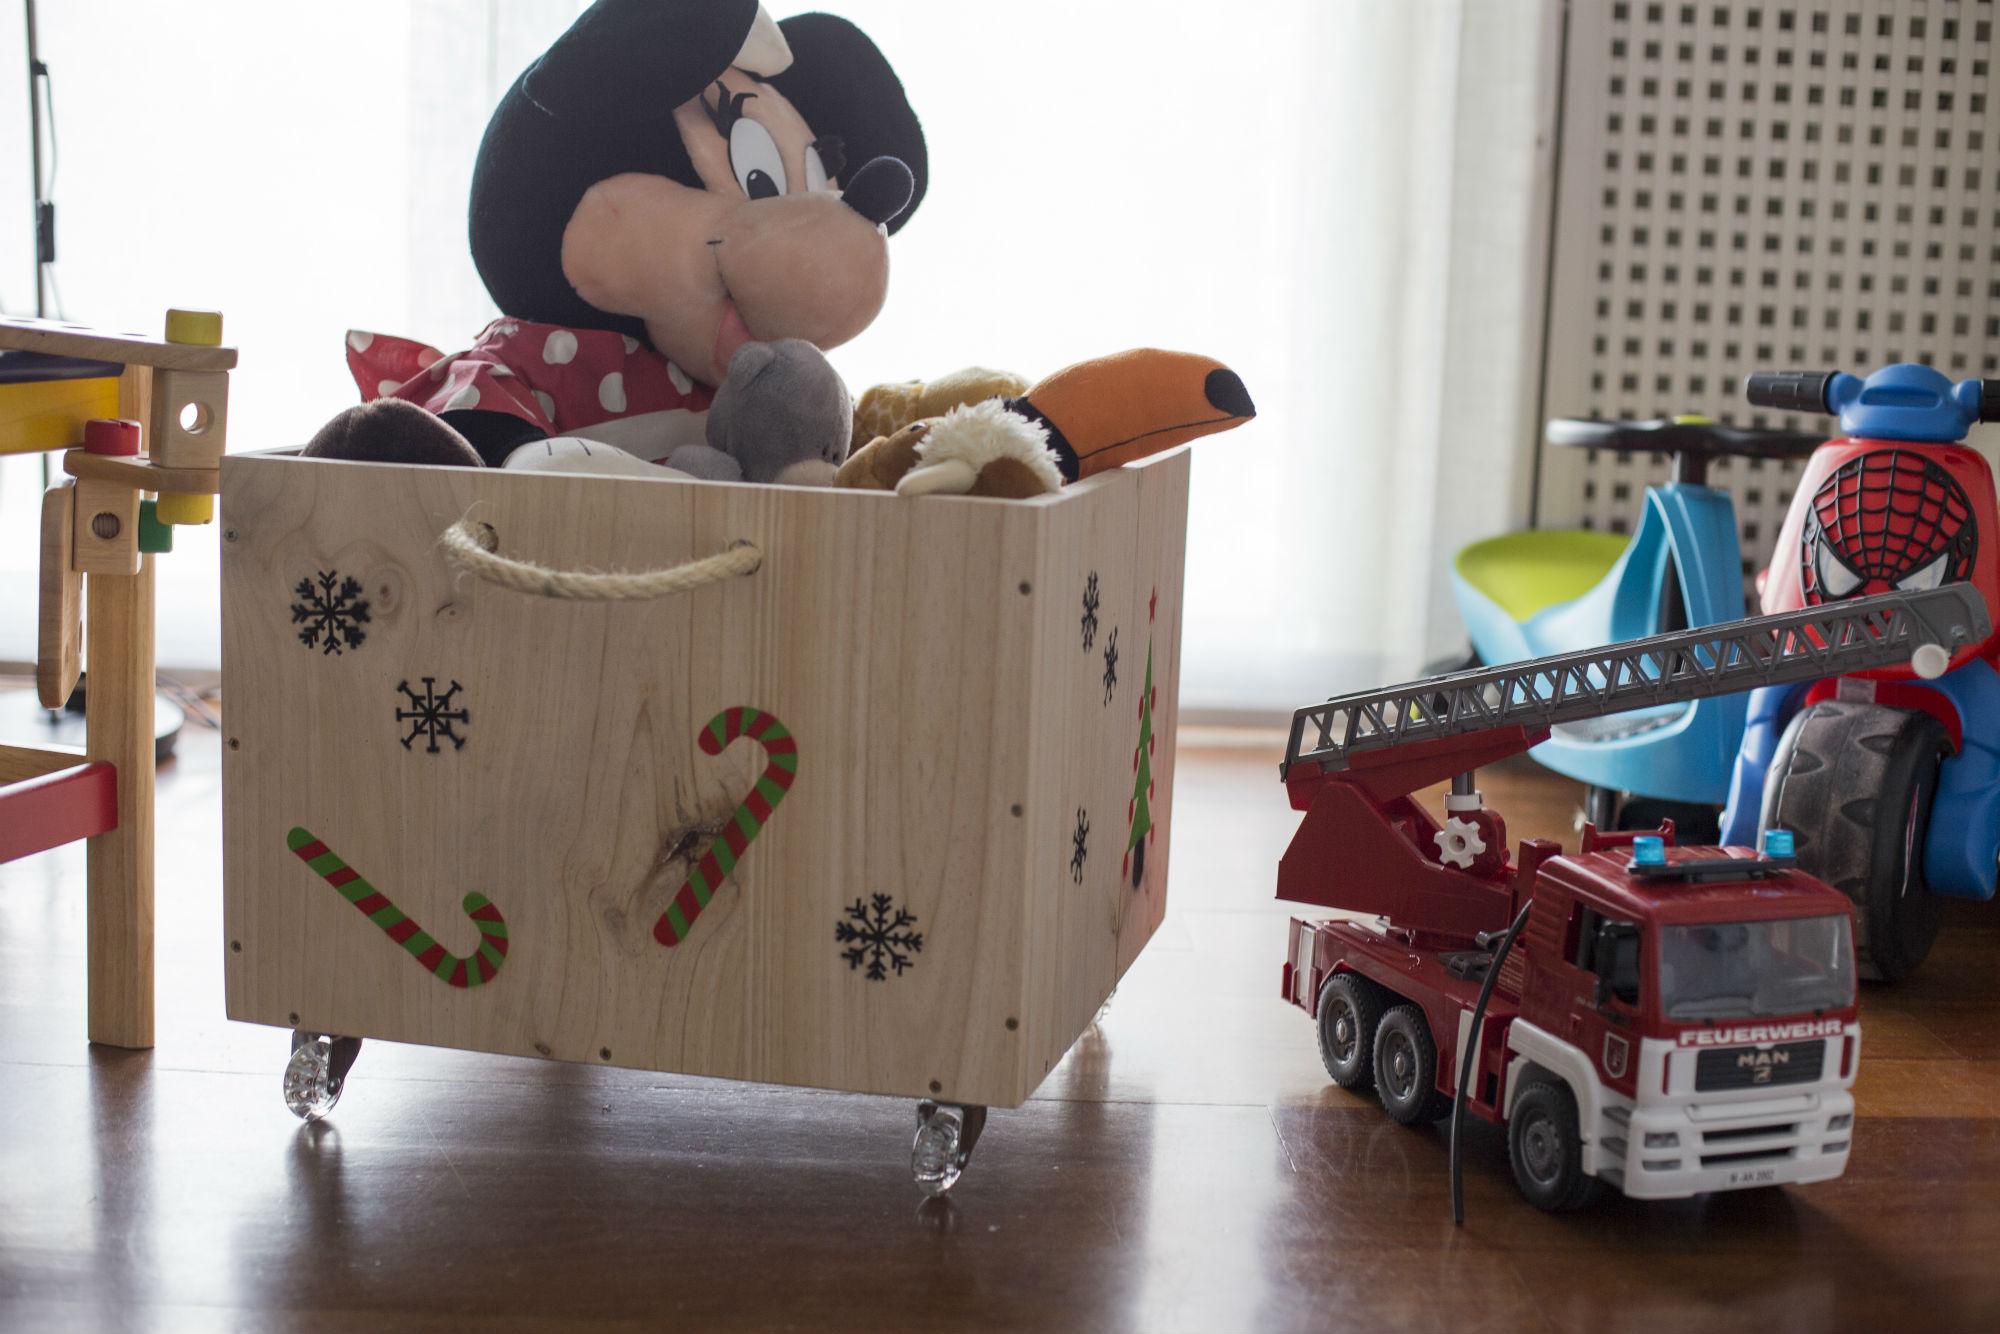 Caja juguetes handfie diy - Cajas de madera para guardar juguetes ...